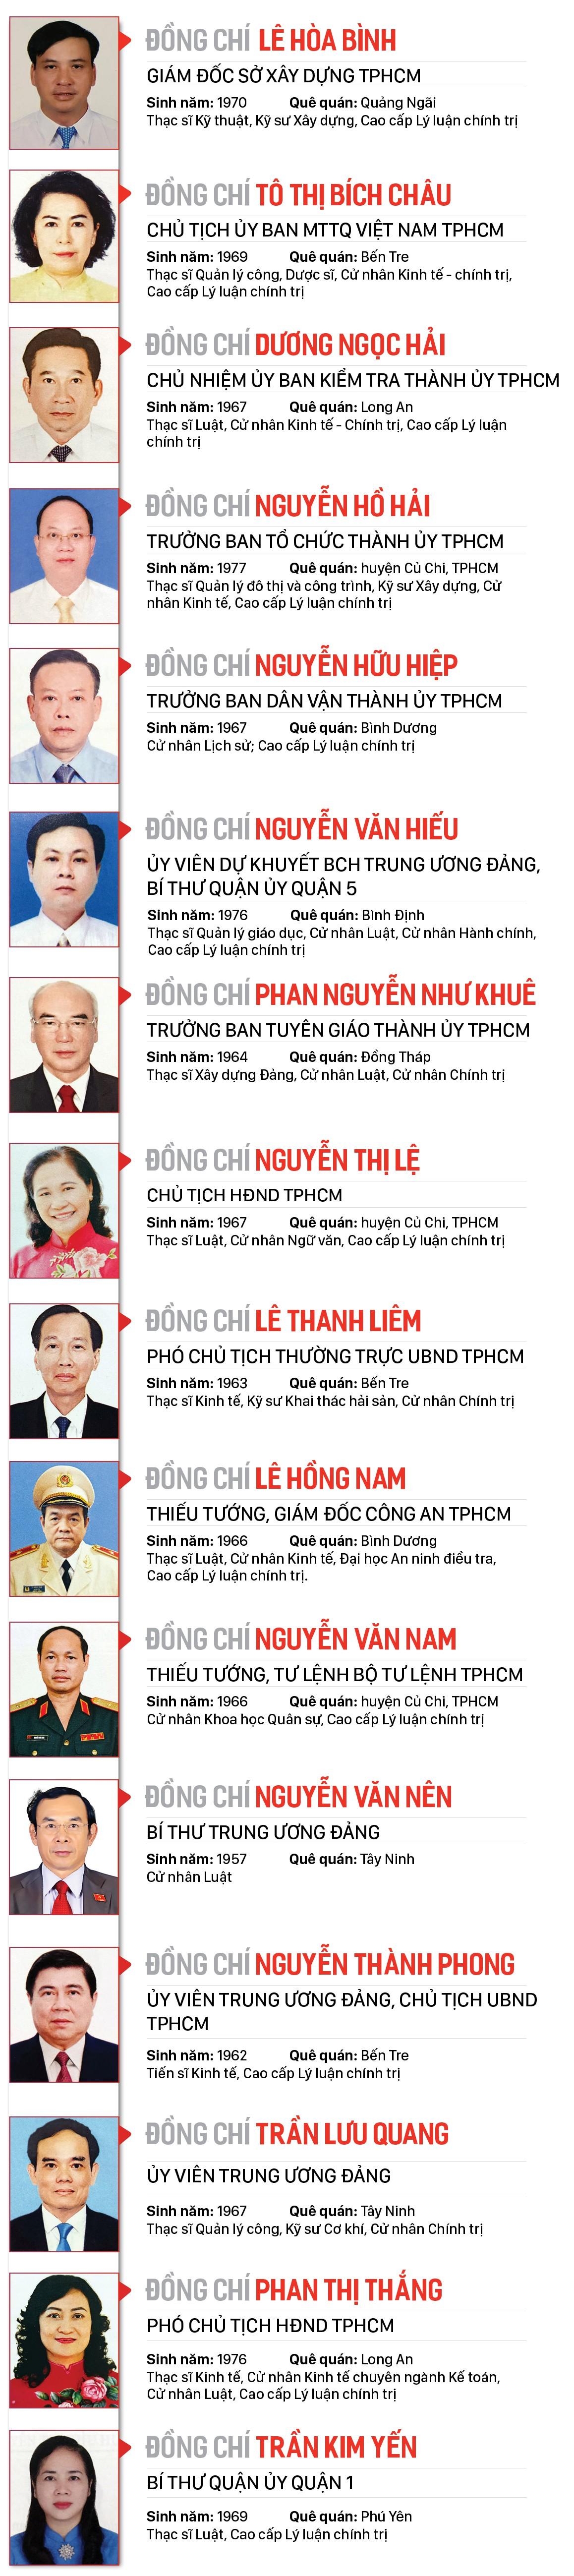 Danh sách Ban Thường vụ Thành ủy TP.HCM khóa XI, nhiệm kỳ 2020-2025